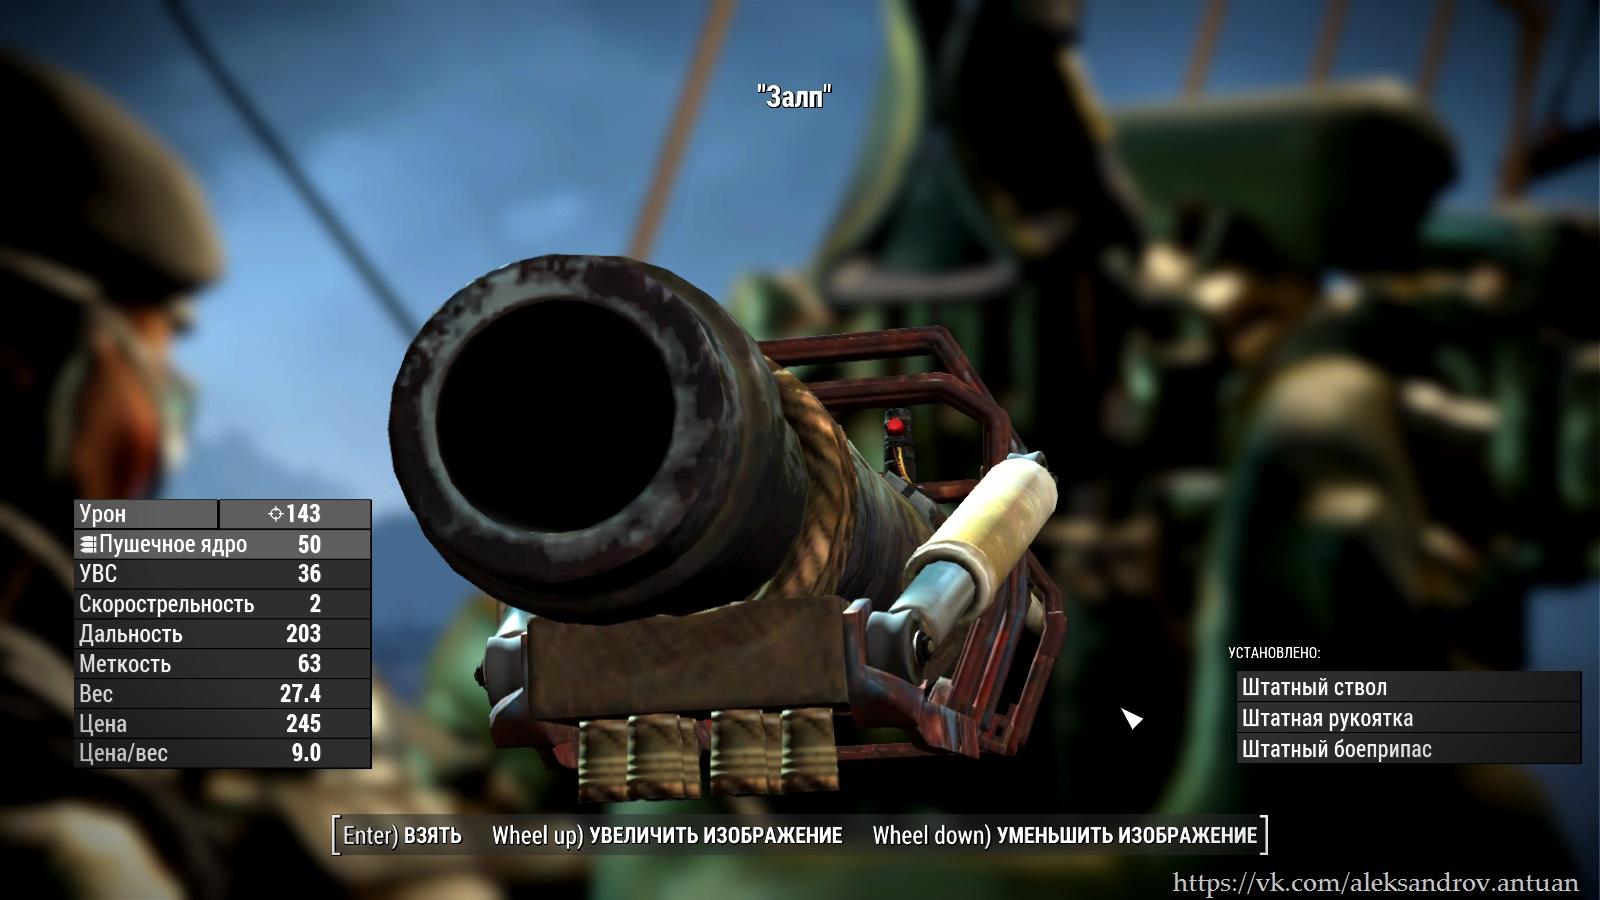 """Славная пушечка """"Залп"""" ... Если бы она стреляла очередями, то ядра бы пришлось разыскивать по всему Содружеству. - Fallout 4 залп"""